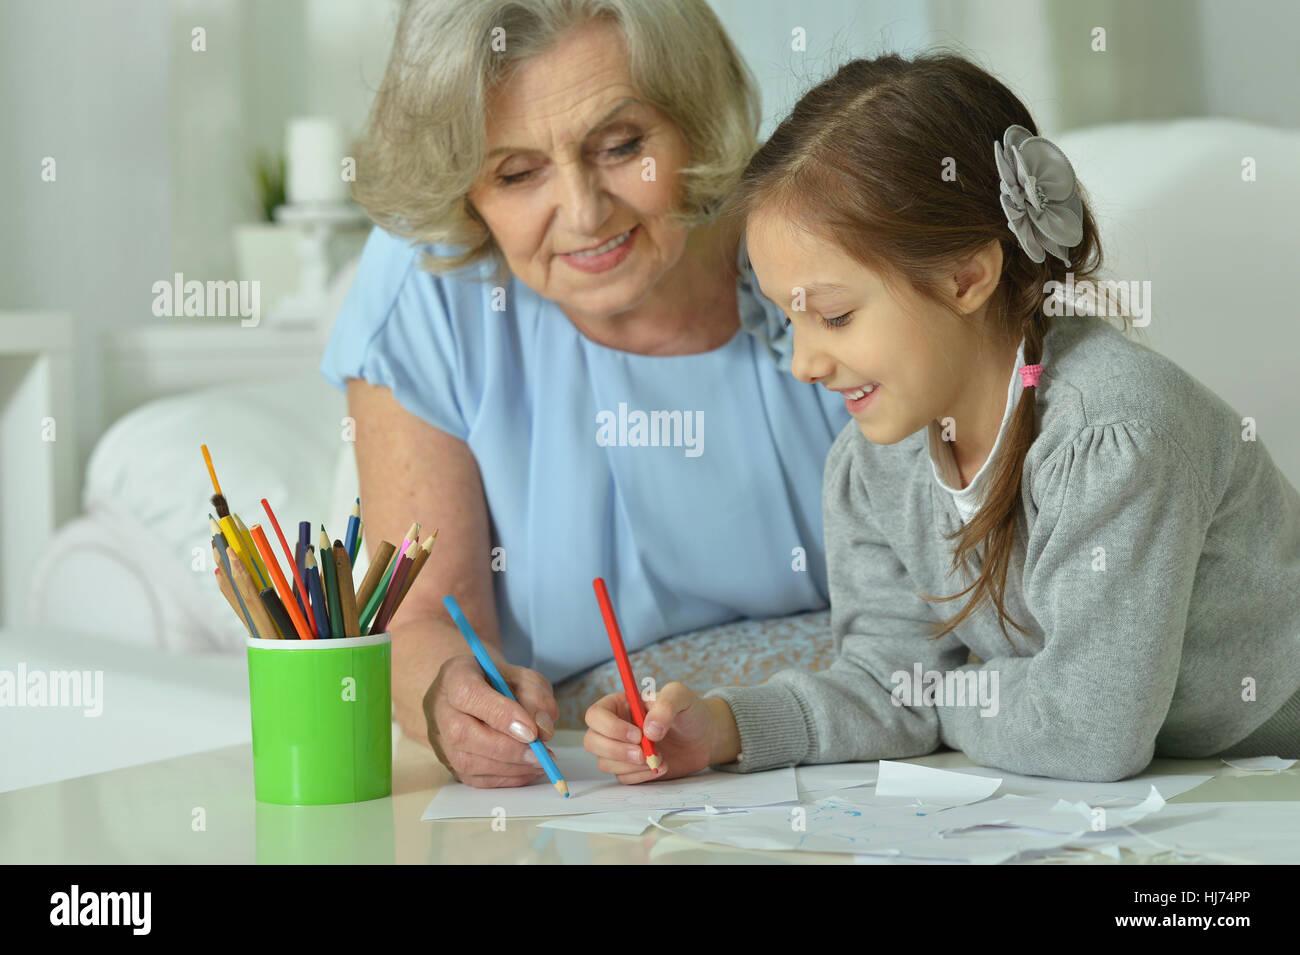 Gluckliche Oma Mit Enkelin Zeichnen Stockfoto Bild 131693822 Alamy